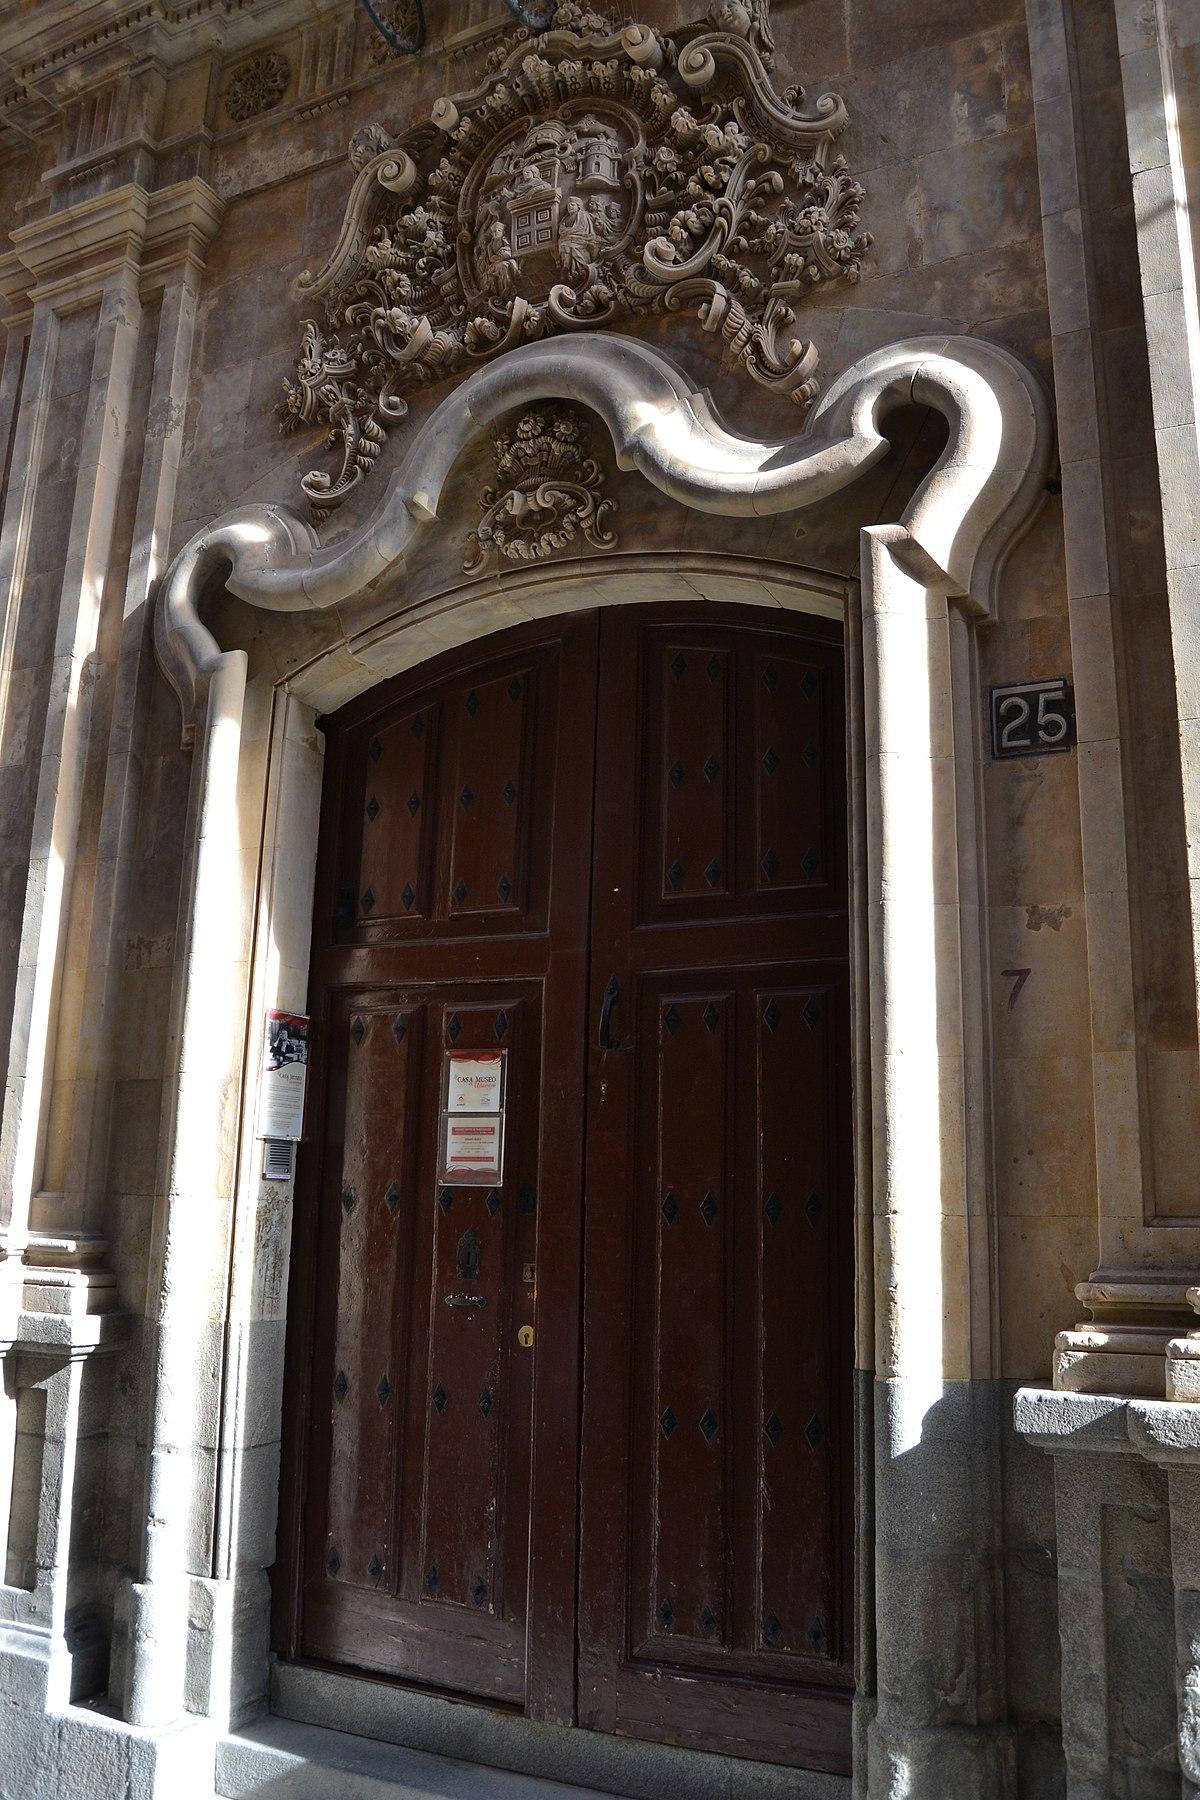 Casa-museo de Unamuno - Wikipedia, la enciclopedia libre